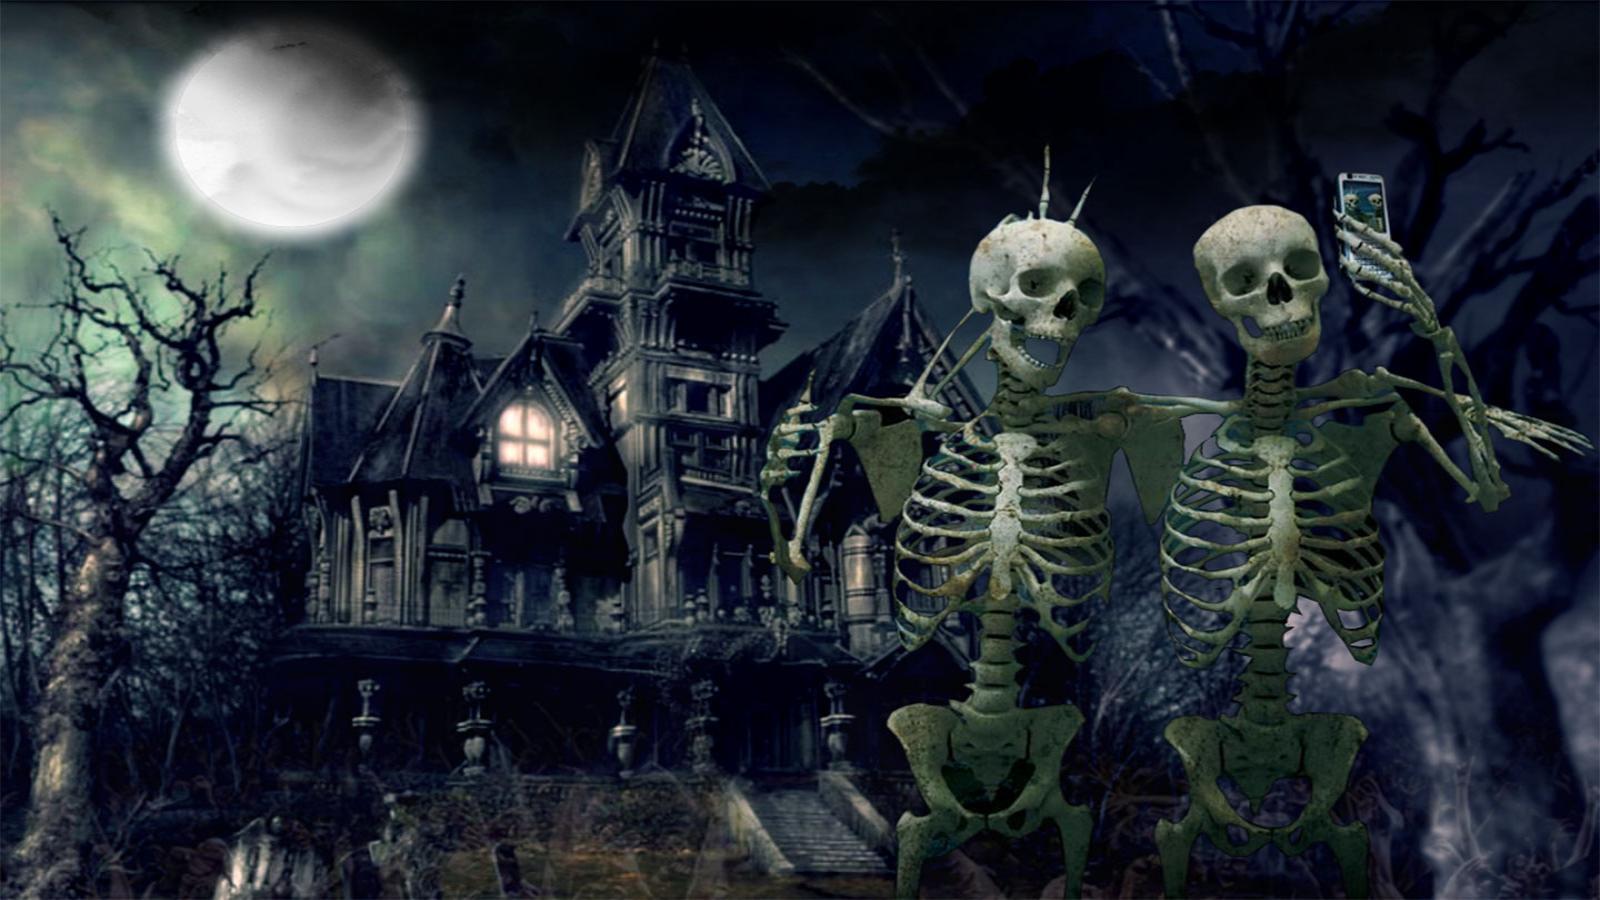 scary halloween desktop wallpaper - Pictures Of Halloween